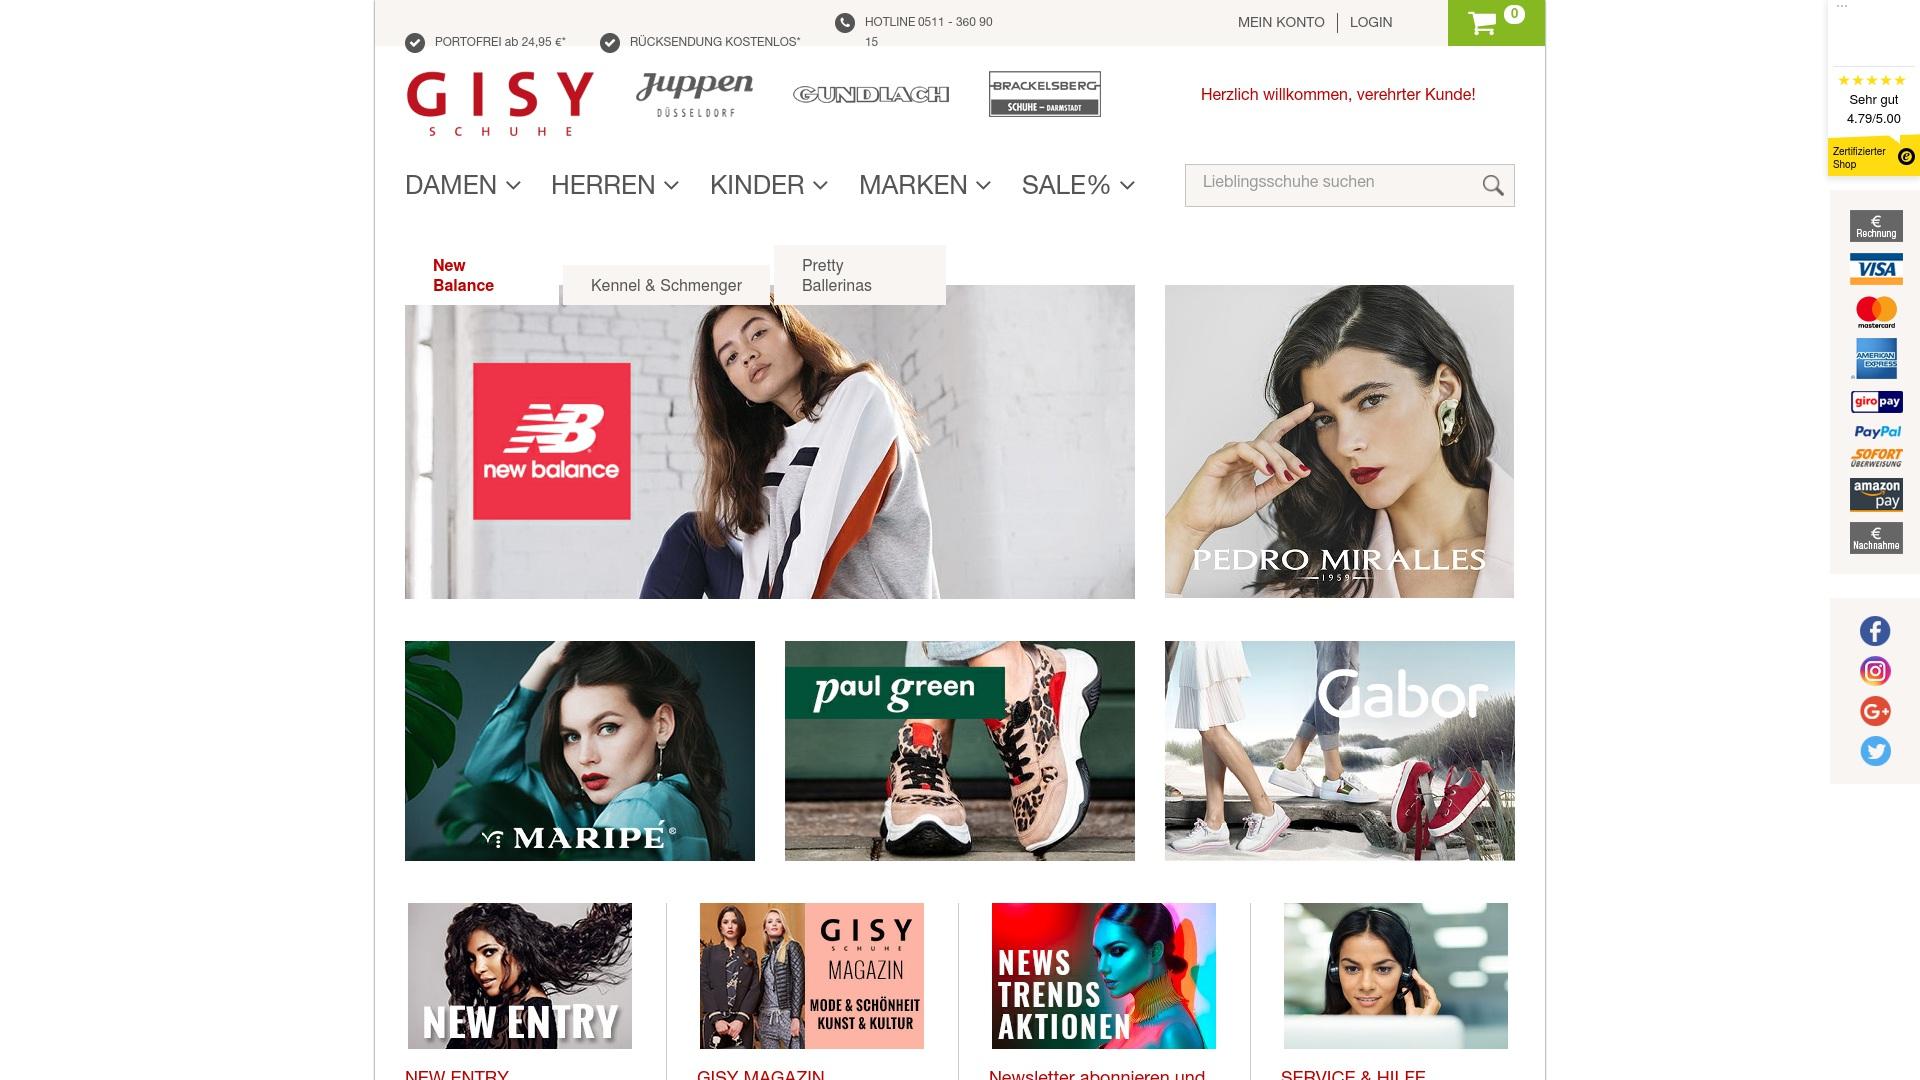 Gutschein für Gisy-schuhe: Rabatte für  Gisy-schuhe sichern